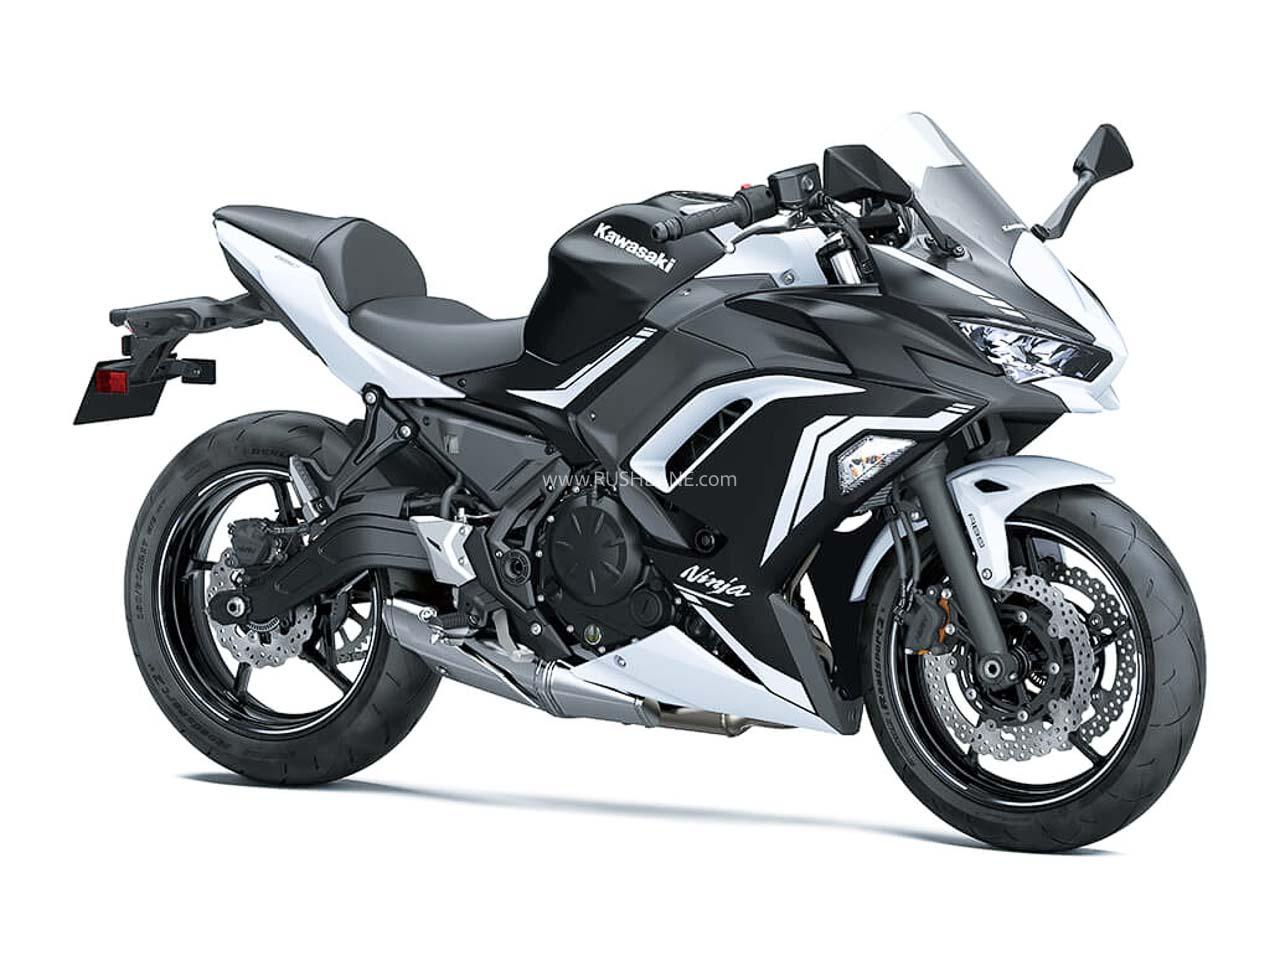 2020 Kawasaki Ninja 650 BS6